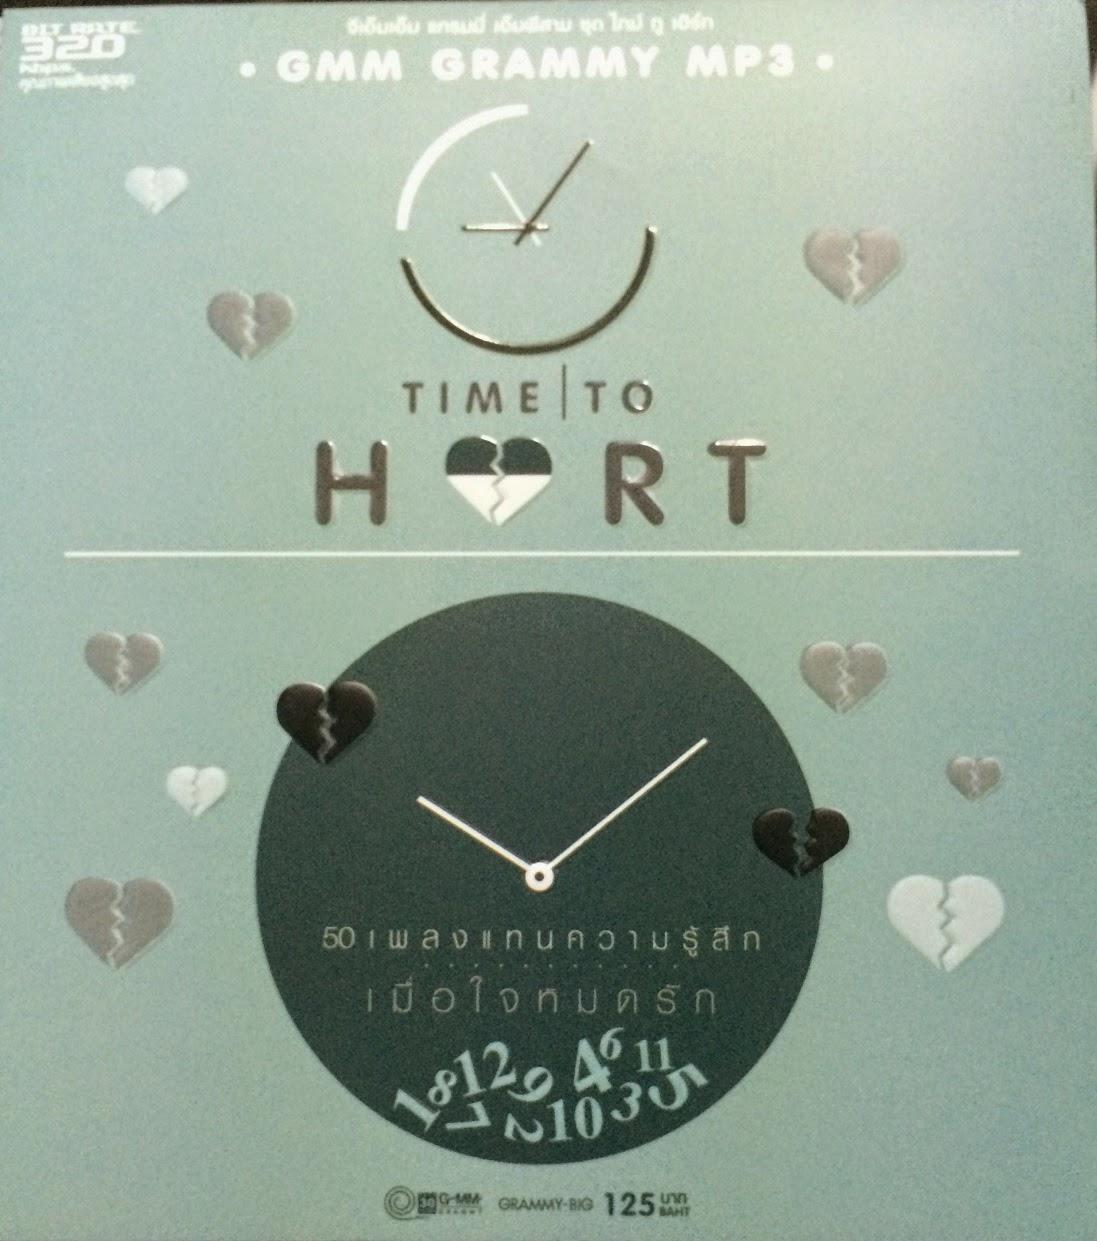 Download [Mp3]-[Hit Music] 50 เพลงแทนความรู้สึกเมื่อใจหมดรัก ในชุด GMM GRAMMY MP3 – TIME TO HURT @320kbps [Solidfiles] 4shared By Pleng-mun.com